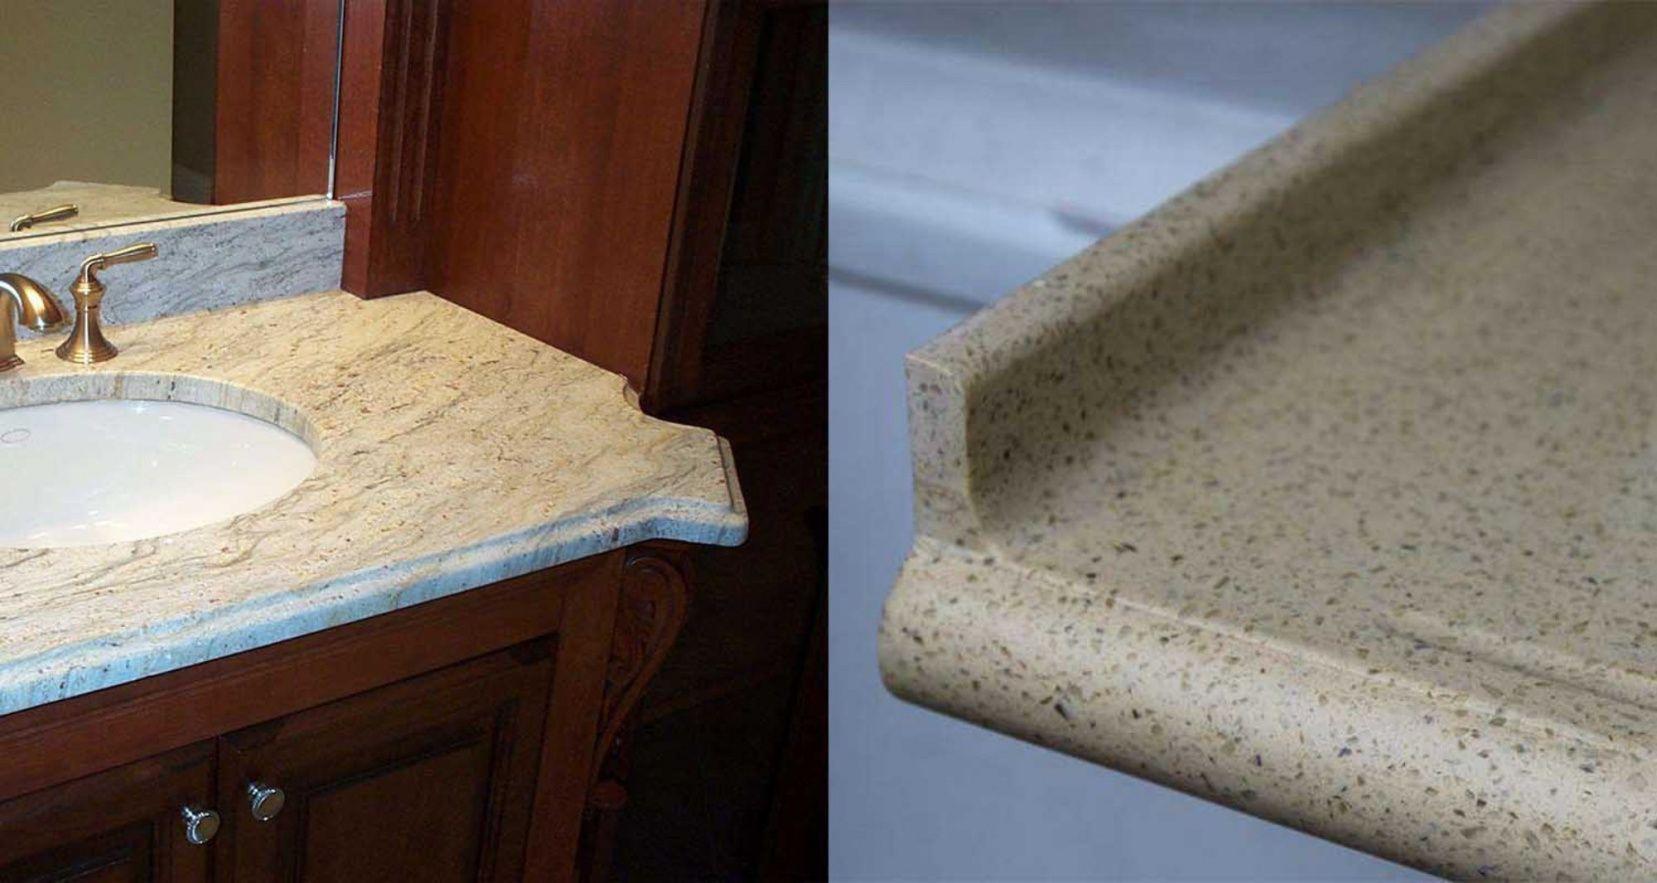 70 White Quartz Countertop Stain Removal Small Kitchen Island